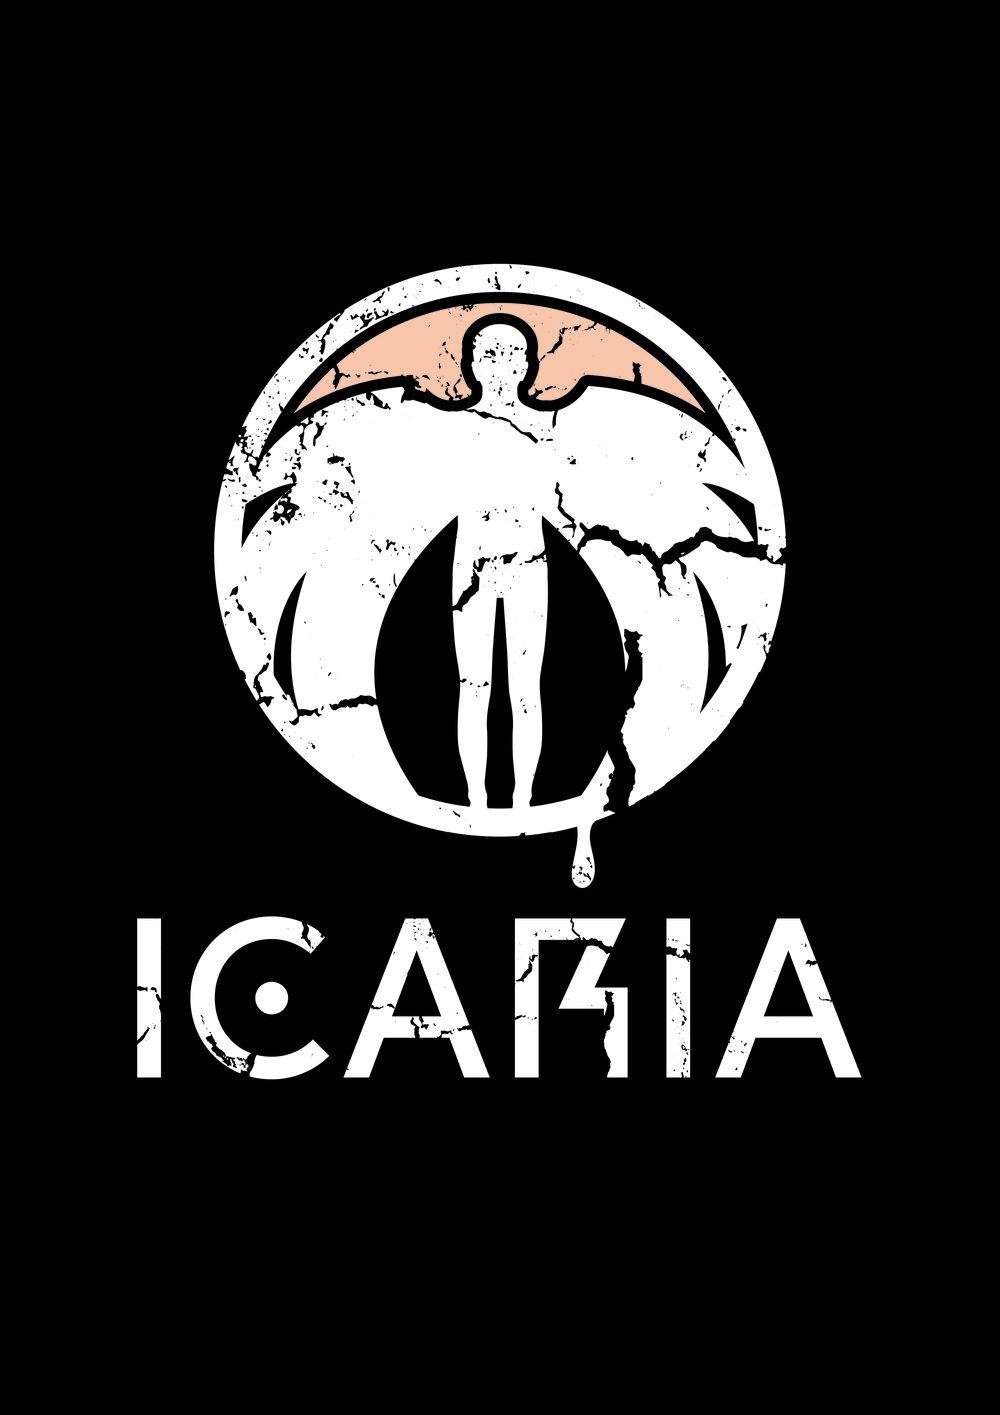 Icaria-08.jpg